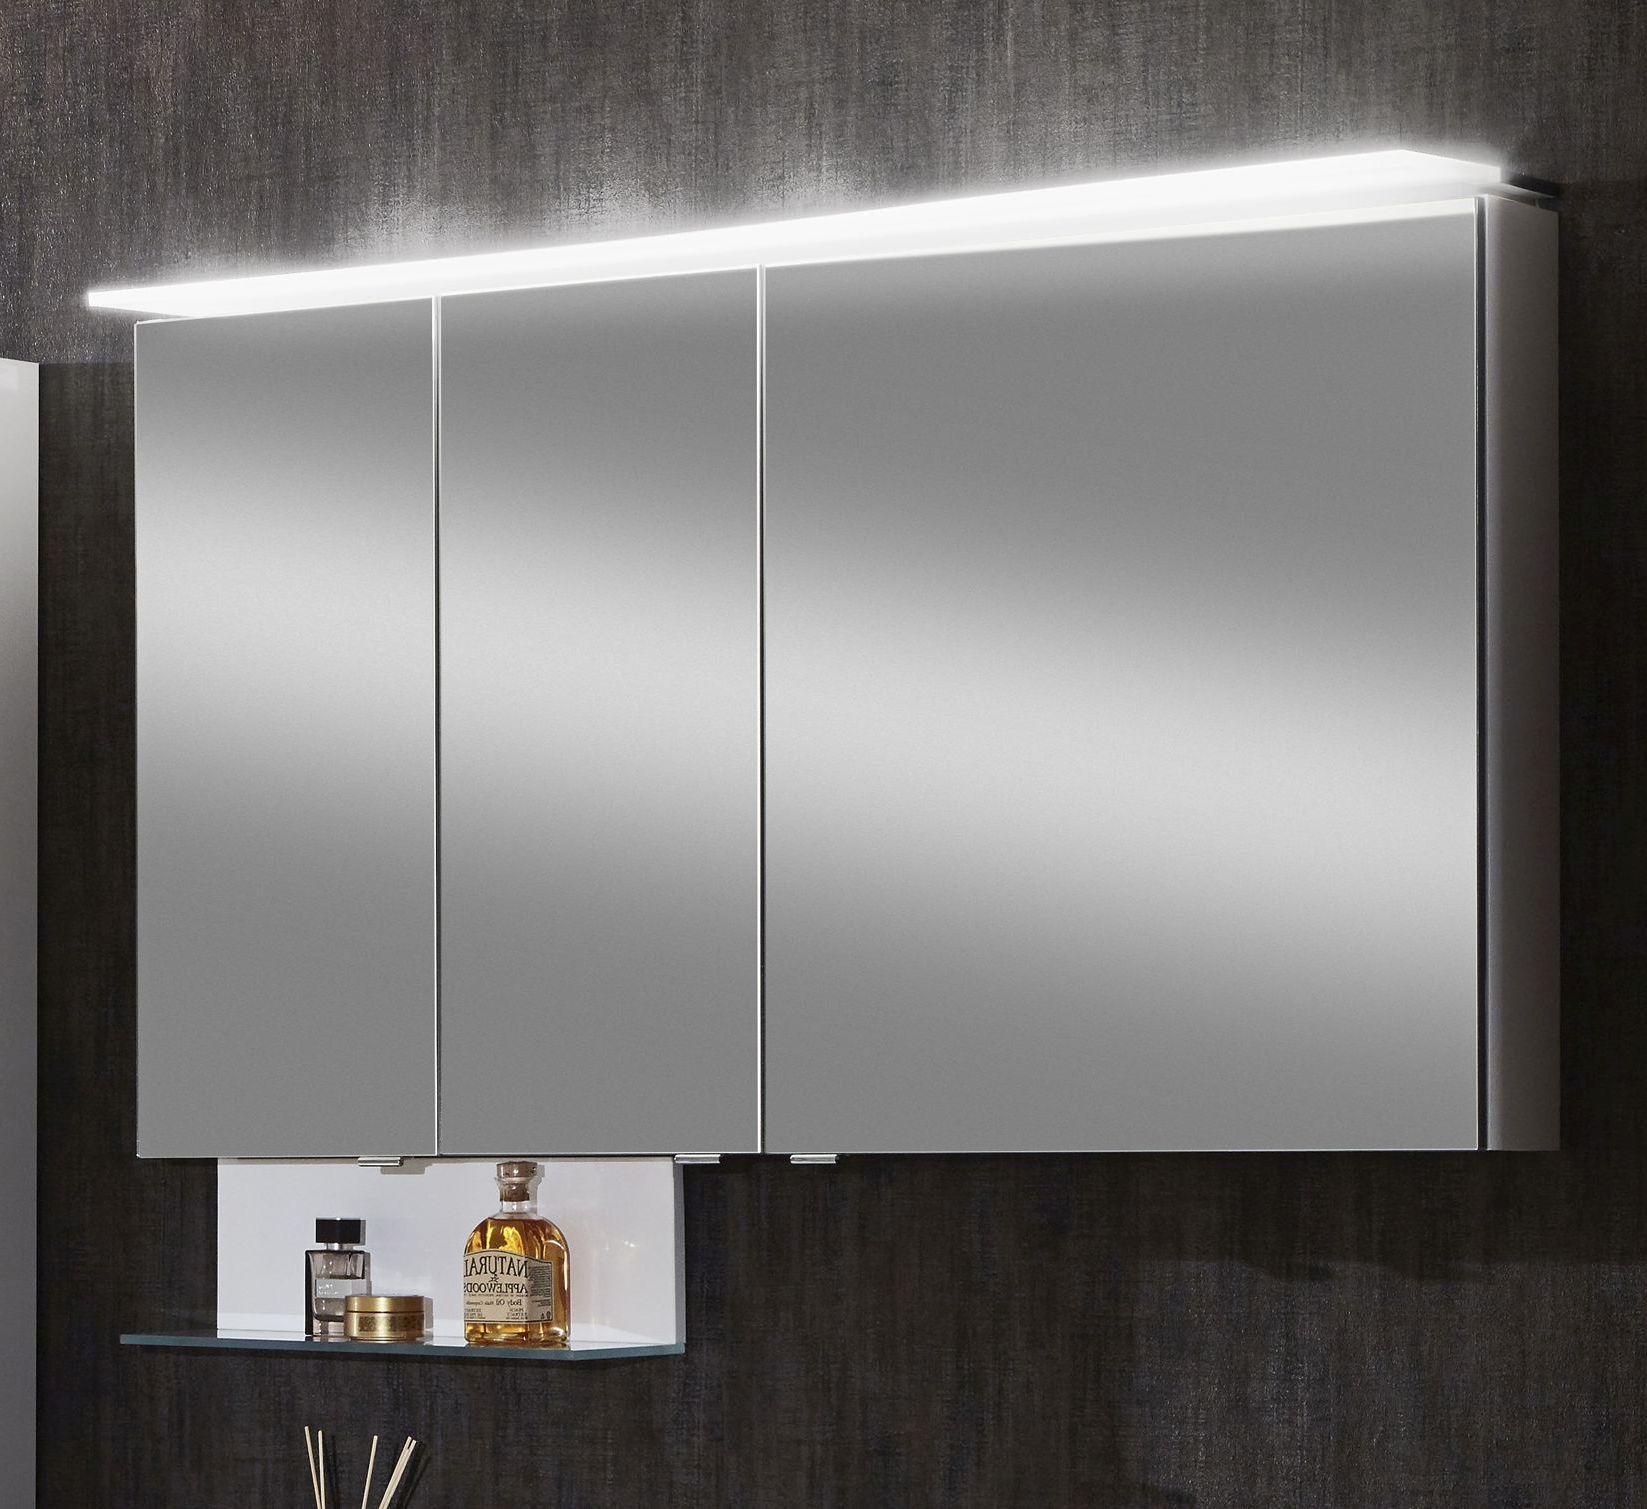 Marlin bad 3160 motion spiegelschrank 120 cm breit for Spiegelschrank 110 cm breit